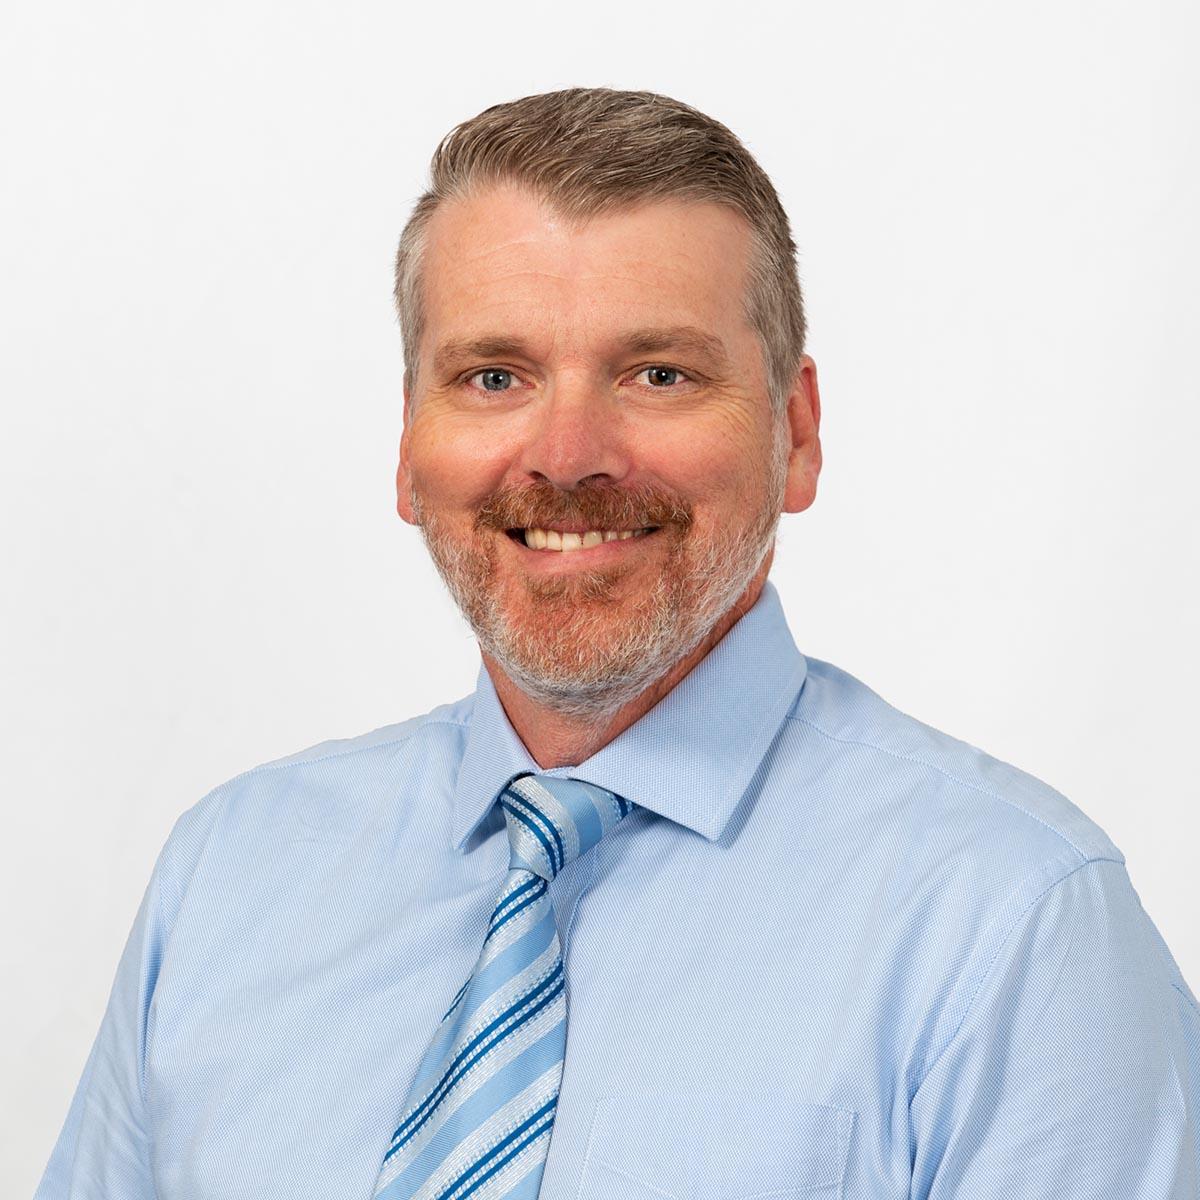 Duane Granzien : Client Manager